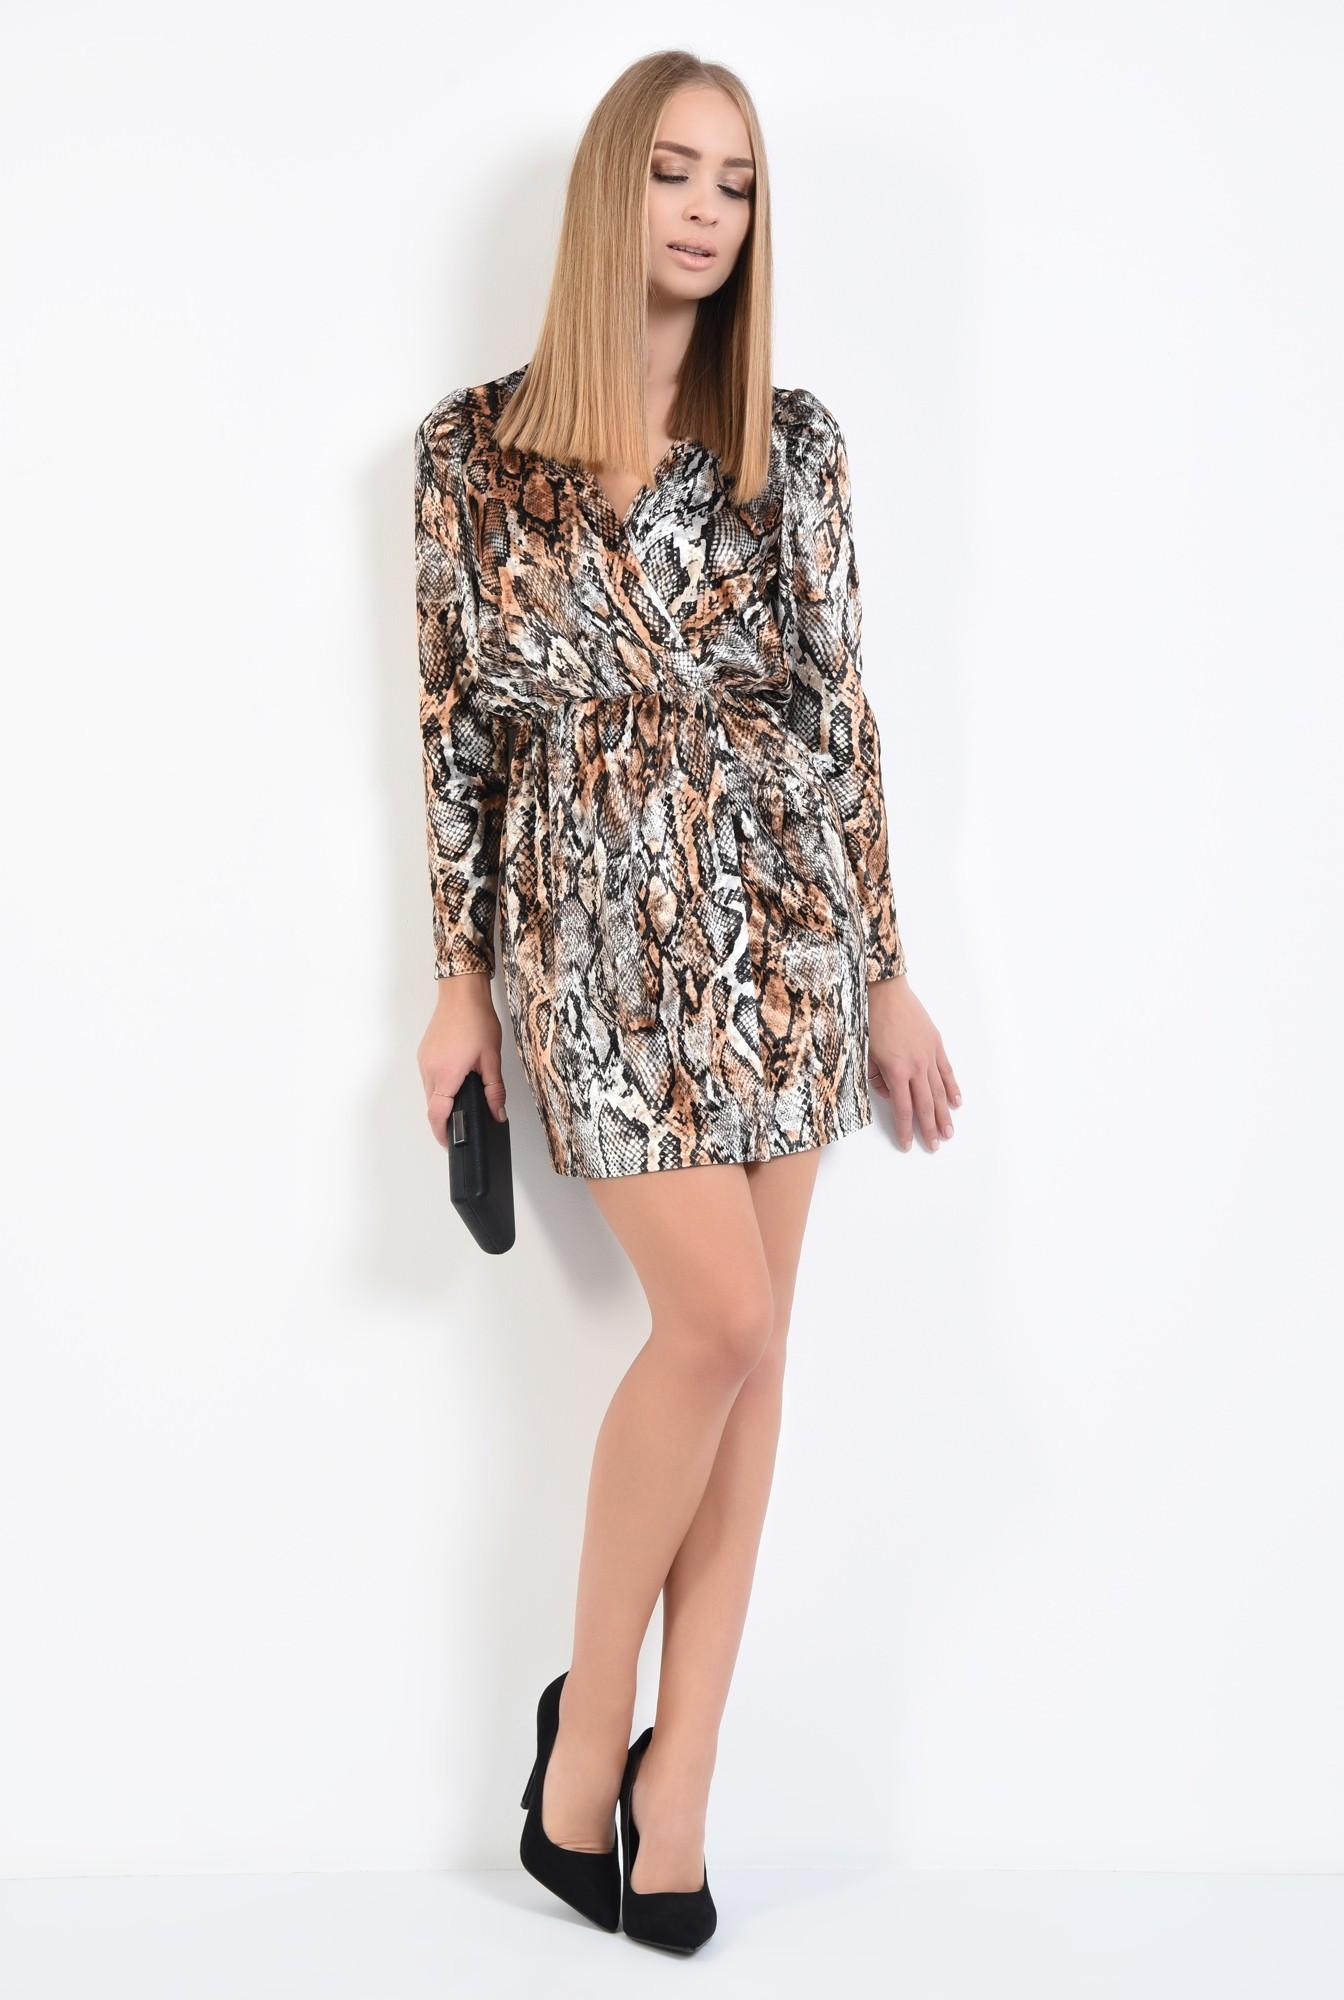 3 - rochie de seara, catifea imprimata, scurta, cu anchior, rochii online